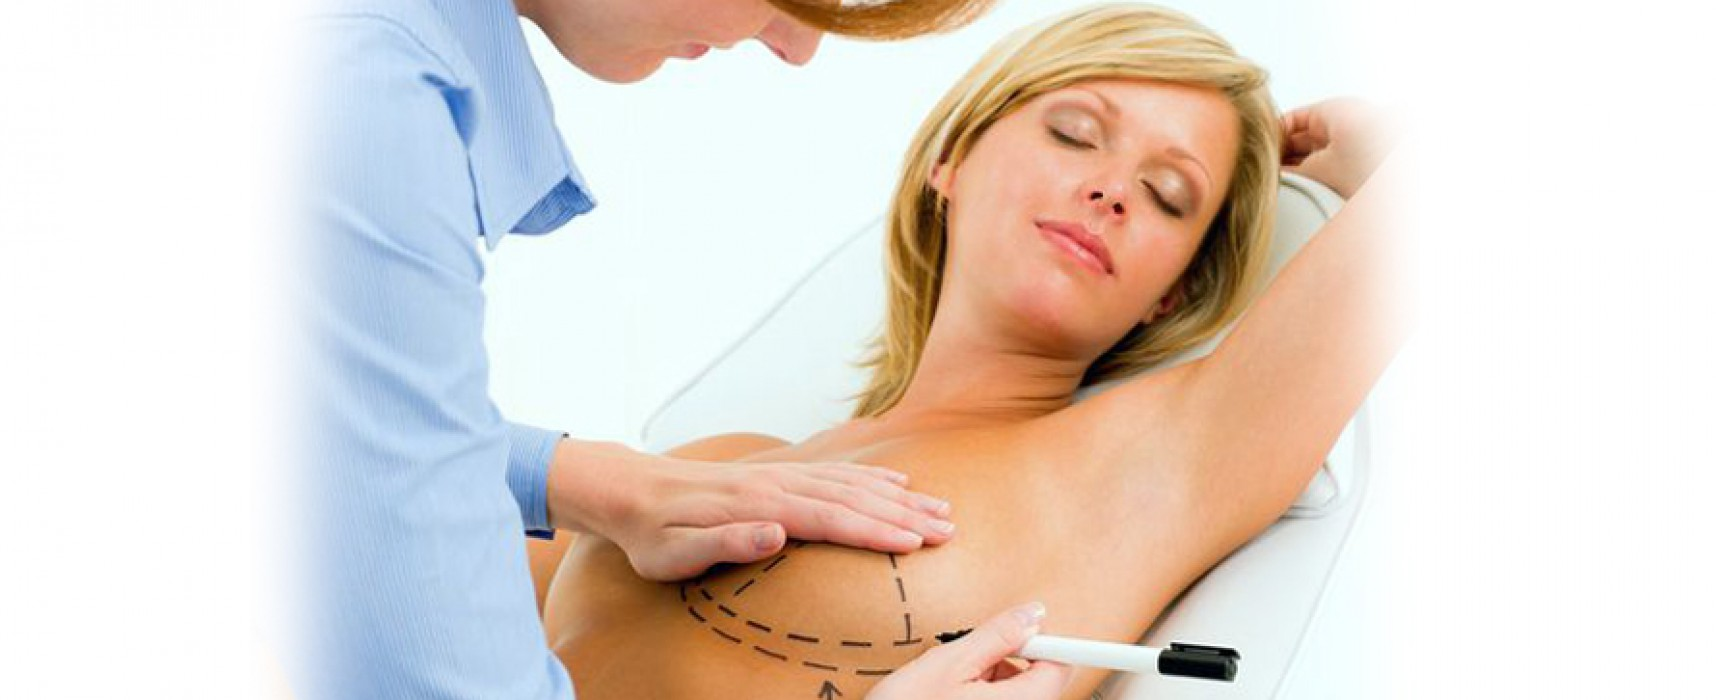 Современные методы диагностики заболеваний молочных желез